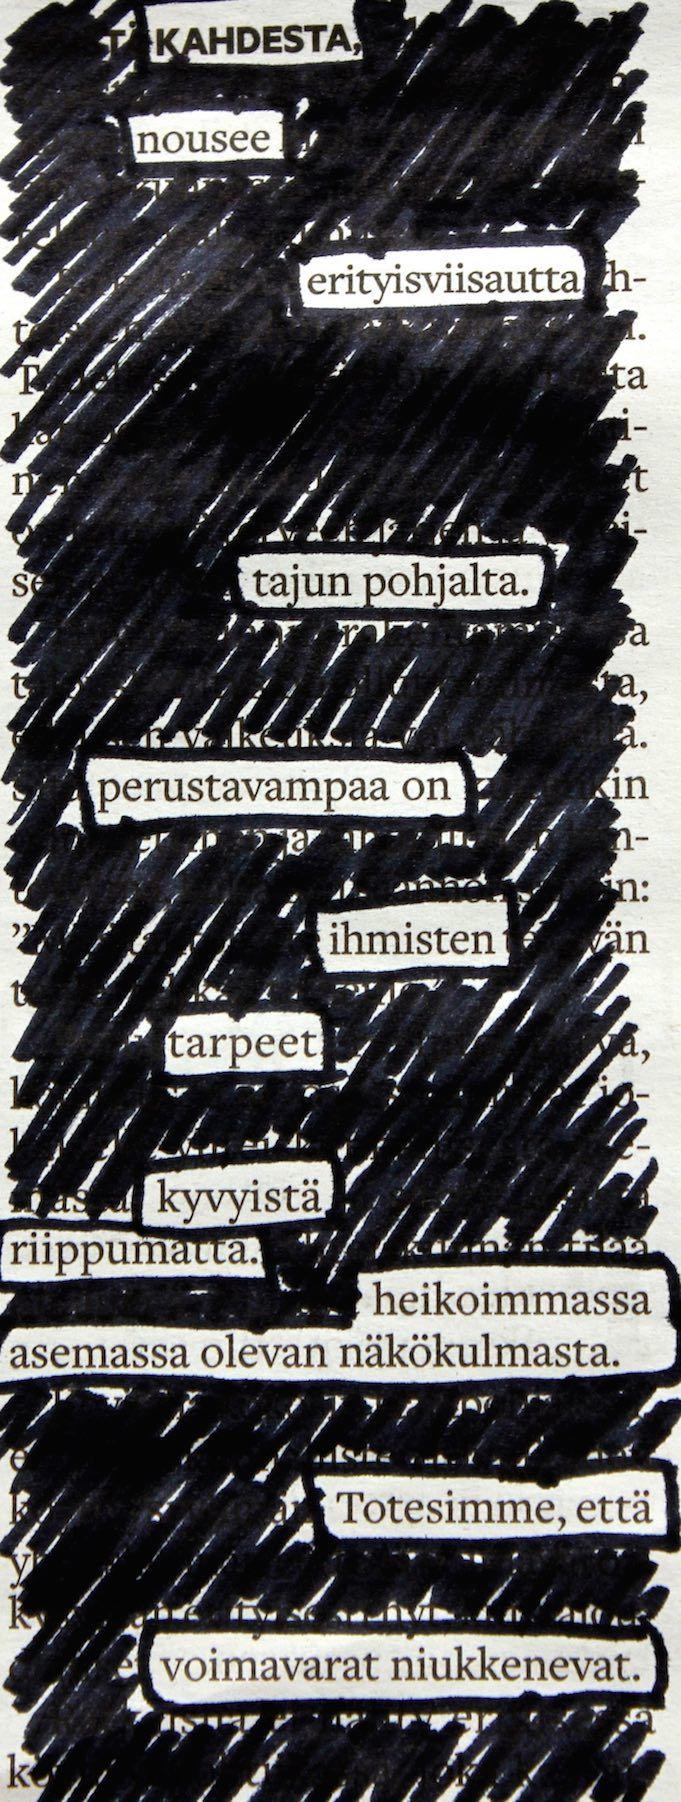 AI, KU: Austin Kleonin innoittamana Aamulehdestäkin voi tehdä runoja. Runoista voi tehdä visuaalisia tai mustata kaikki muut sanat.   #aamulehti #koulumaailma #newspaperblackout